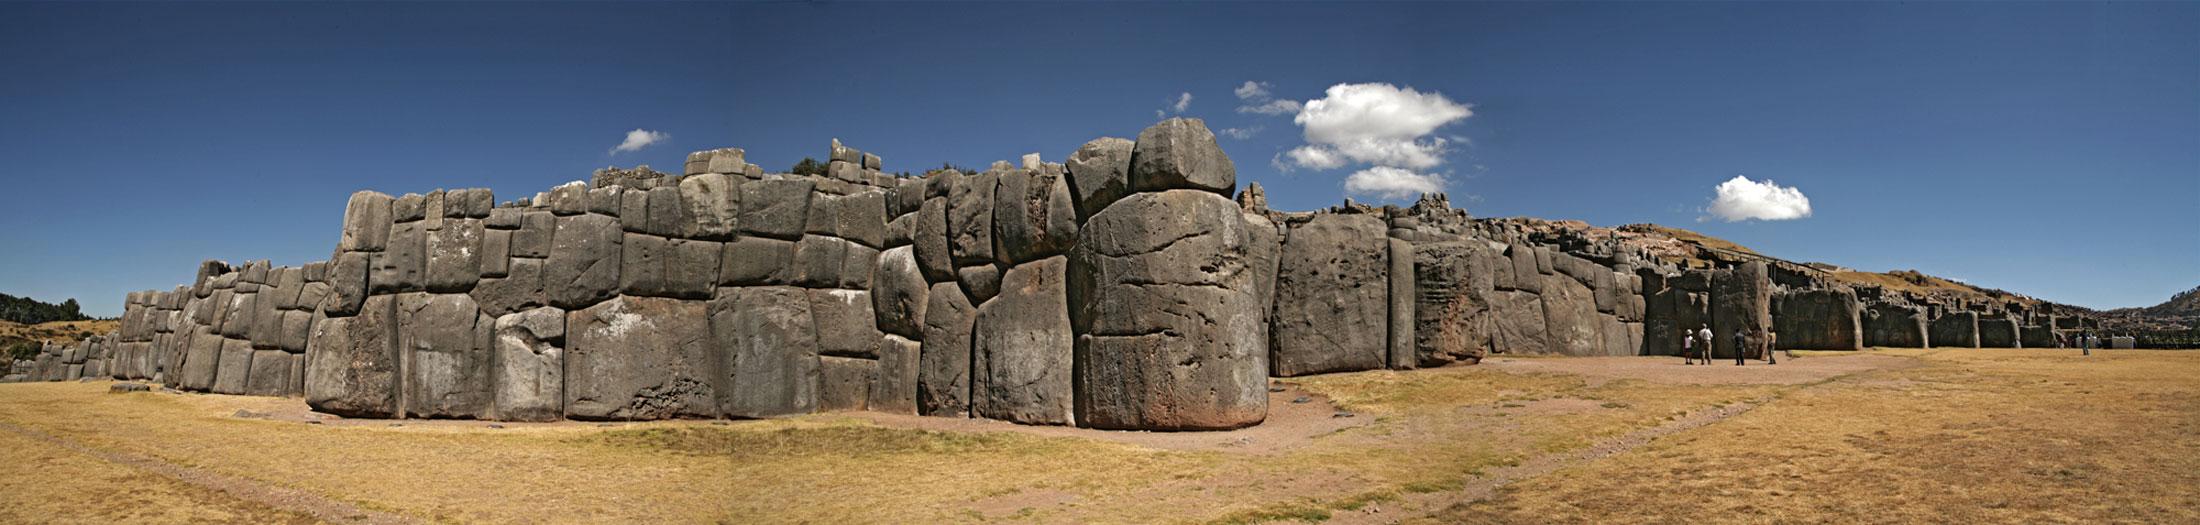 Sacsayhuaman, Sacred Valley